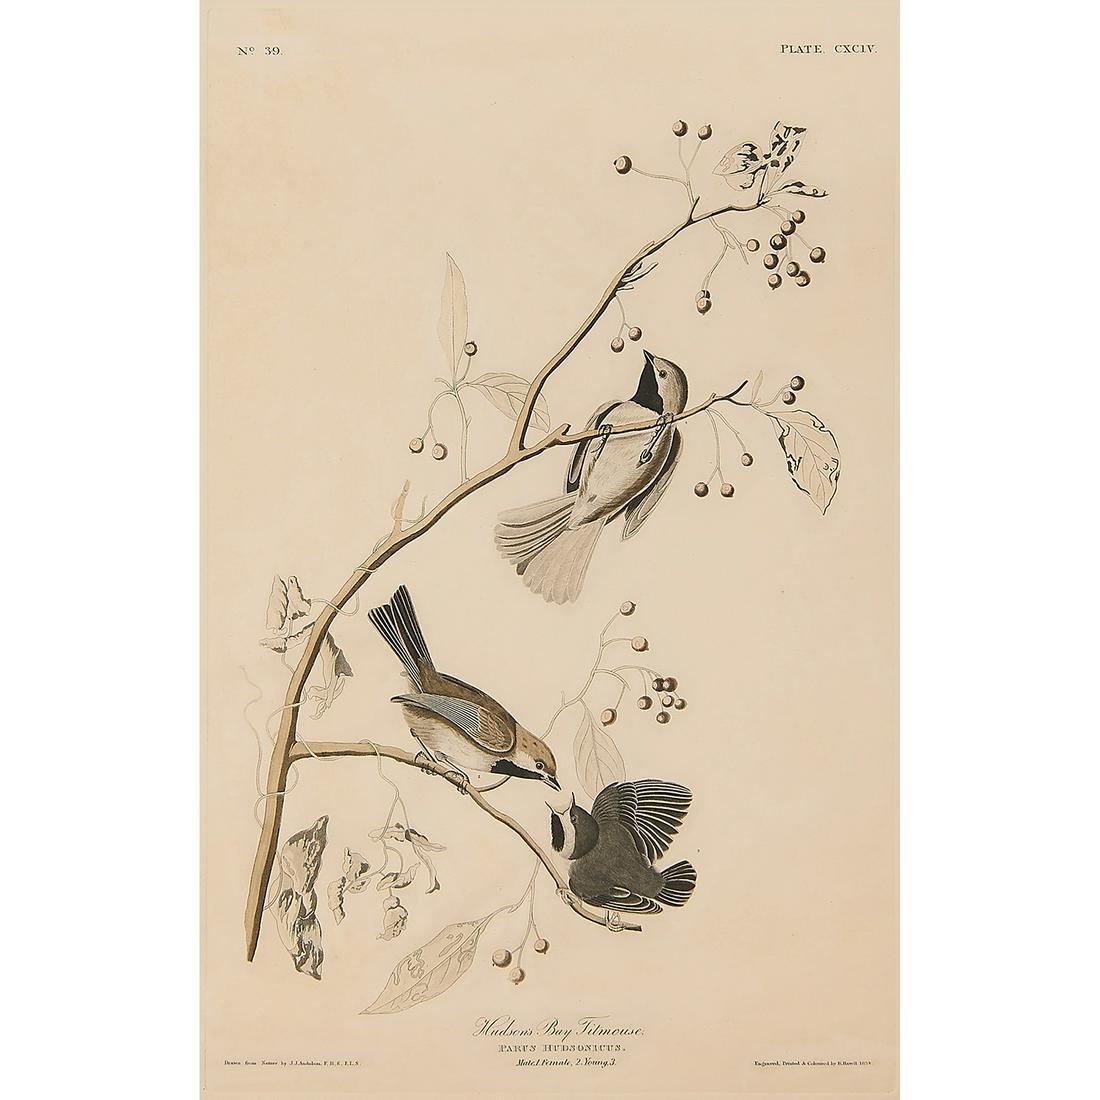 After John James Audubon, Hudson's Bay Titmouse